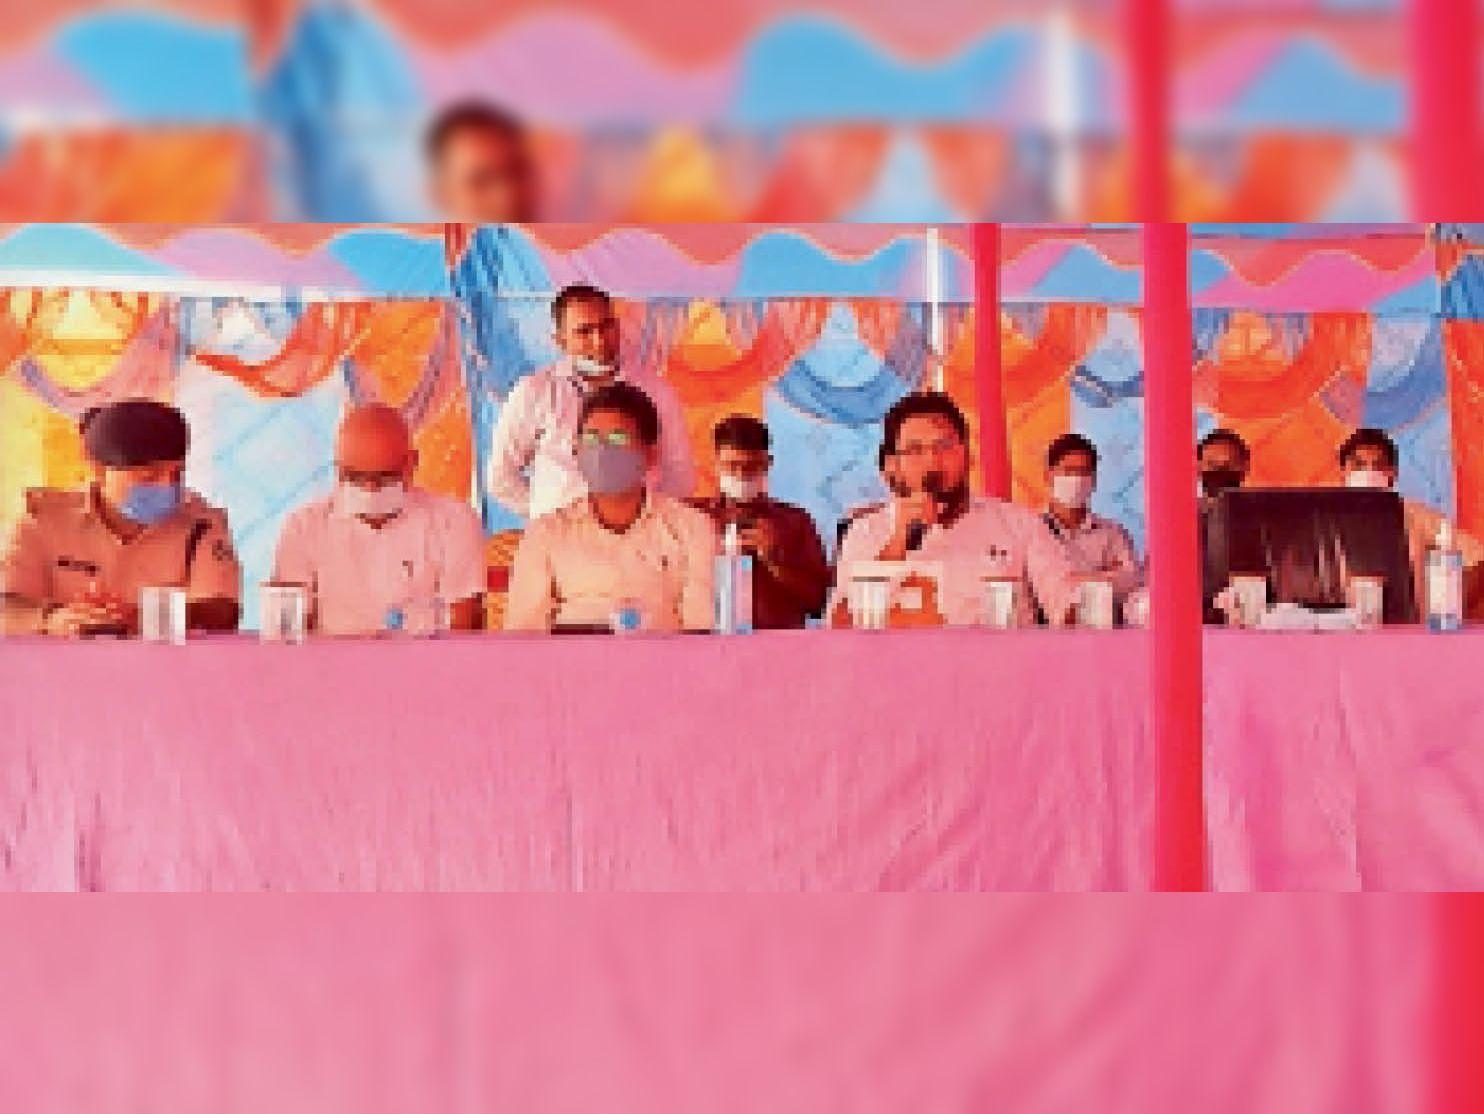 वीरपुर में ब्रीफिंग कार्यक्रम को संबोधित करते डीएम और उपस्थित पदाधिकारीगण। - Dainik Bhaskar